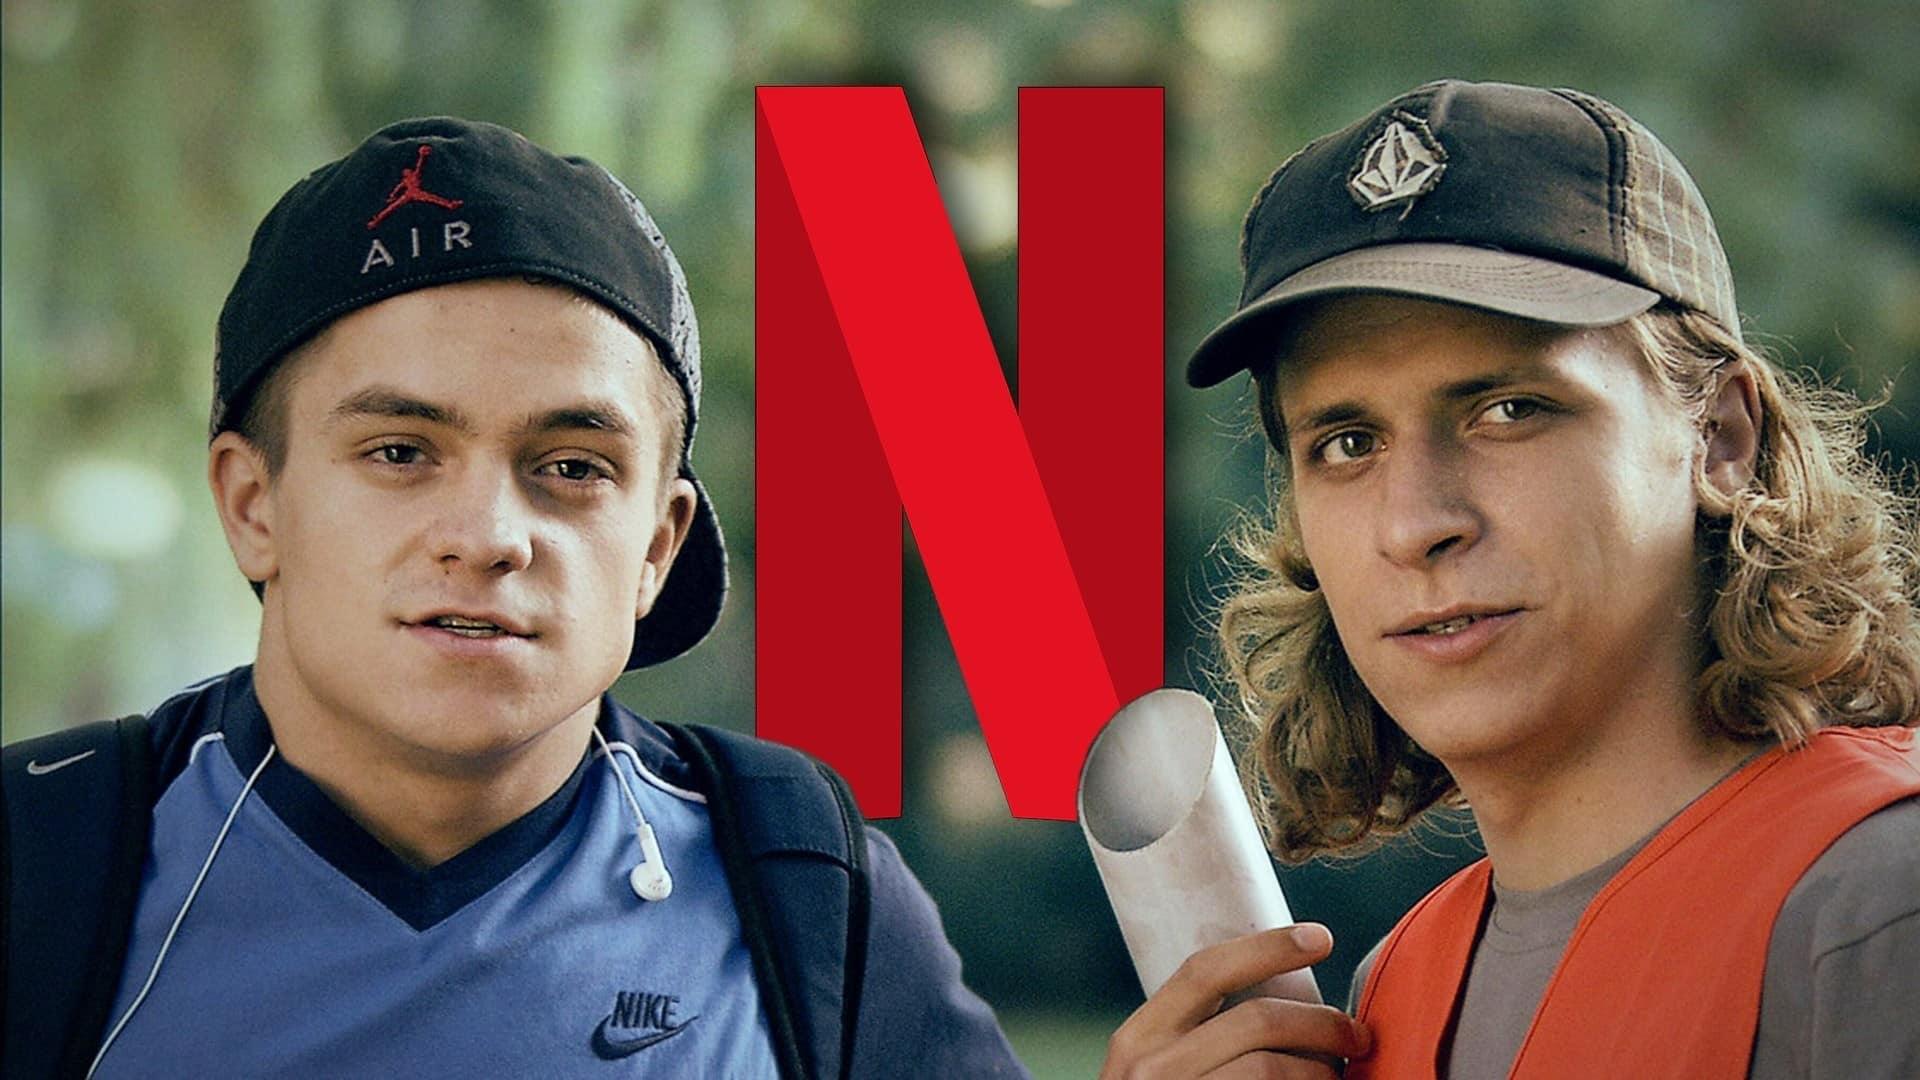 české filmy na Netflixe